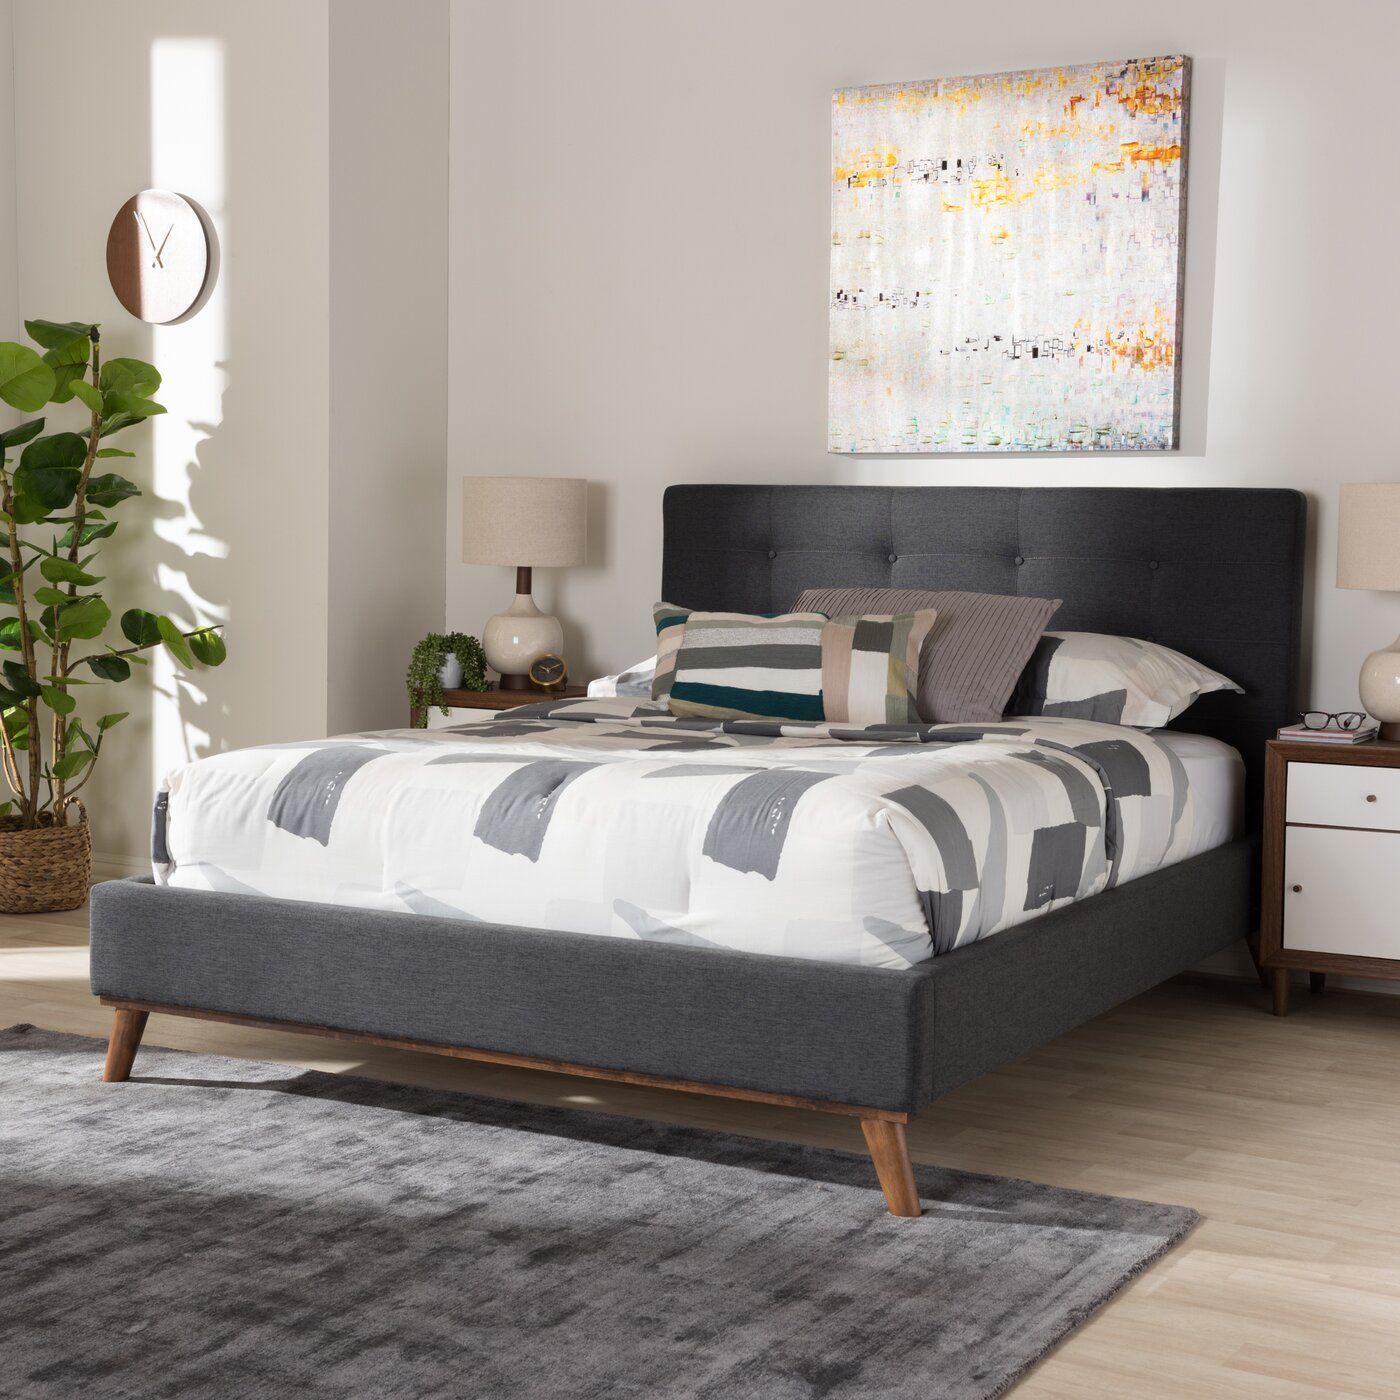 Jeterson Tufted Low Profile Platform Bed Upholstered Platform Bed Modern Platform Bed Mid Century Platform Beds